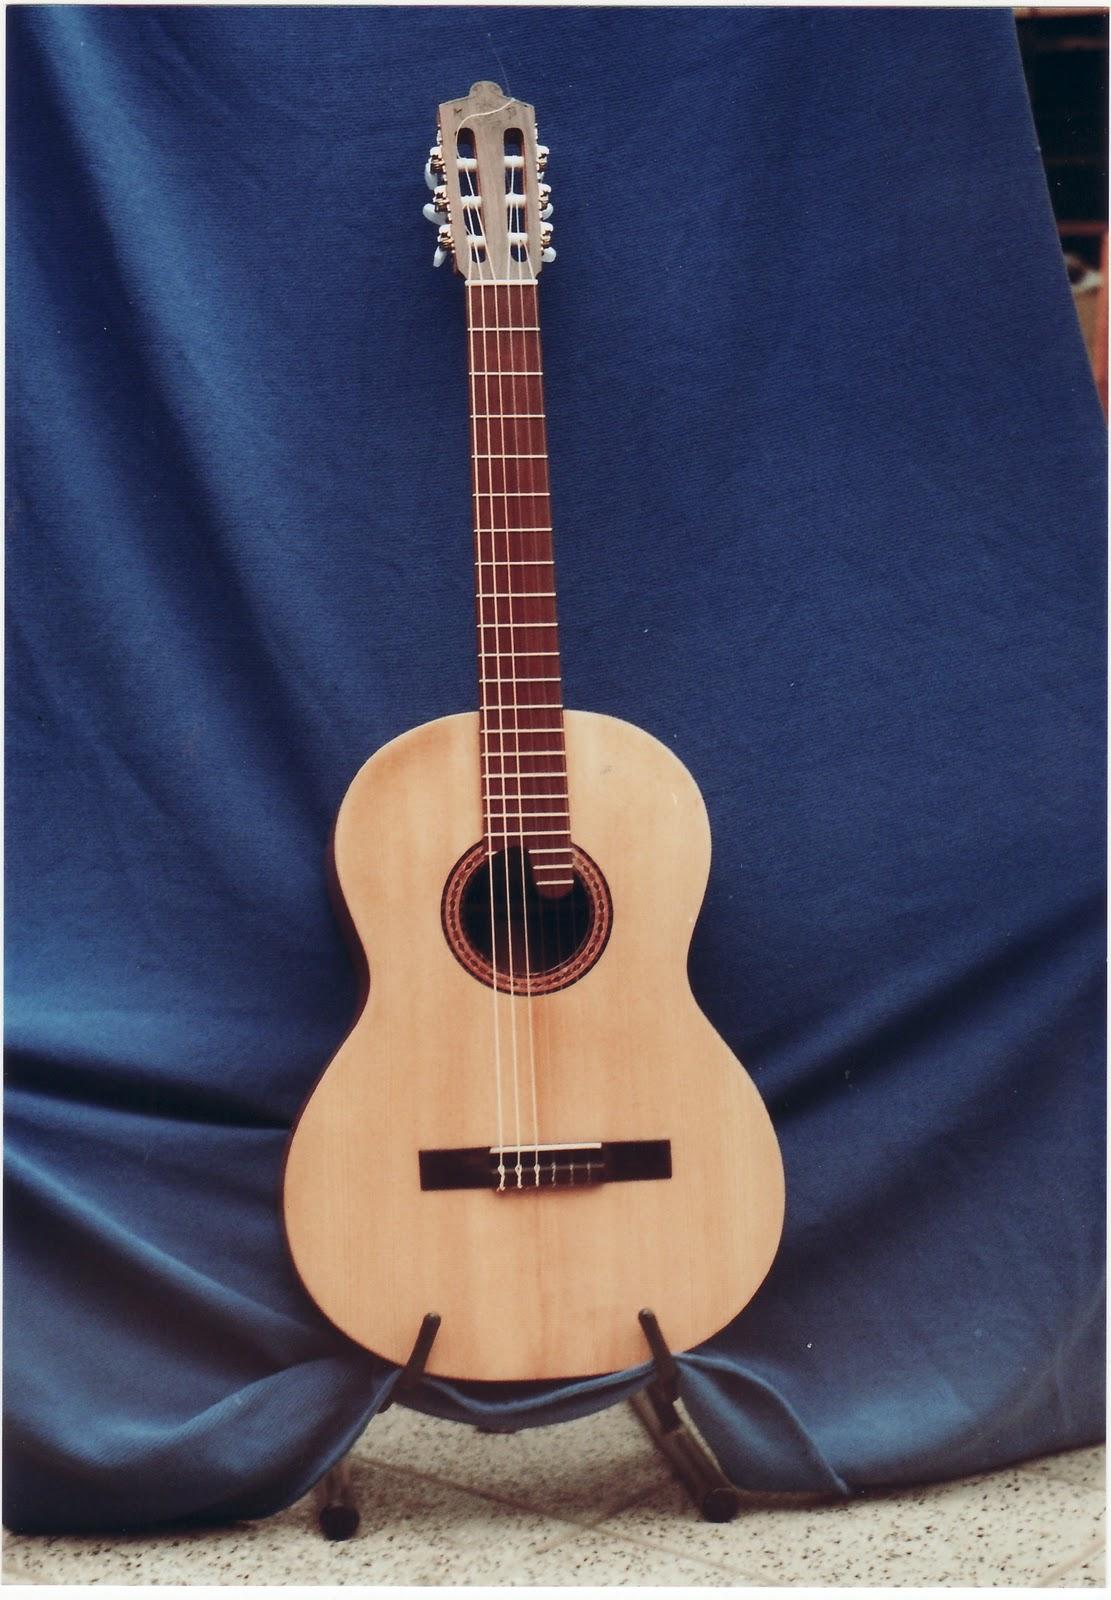 Tipos de Guitarras con Imágenes y Marcas